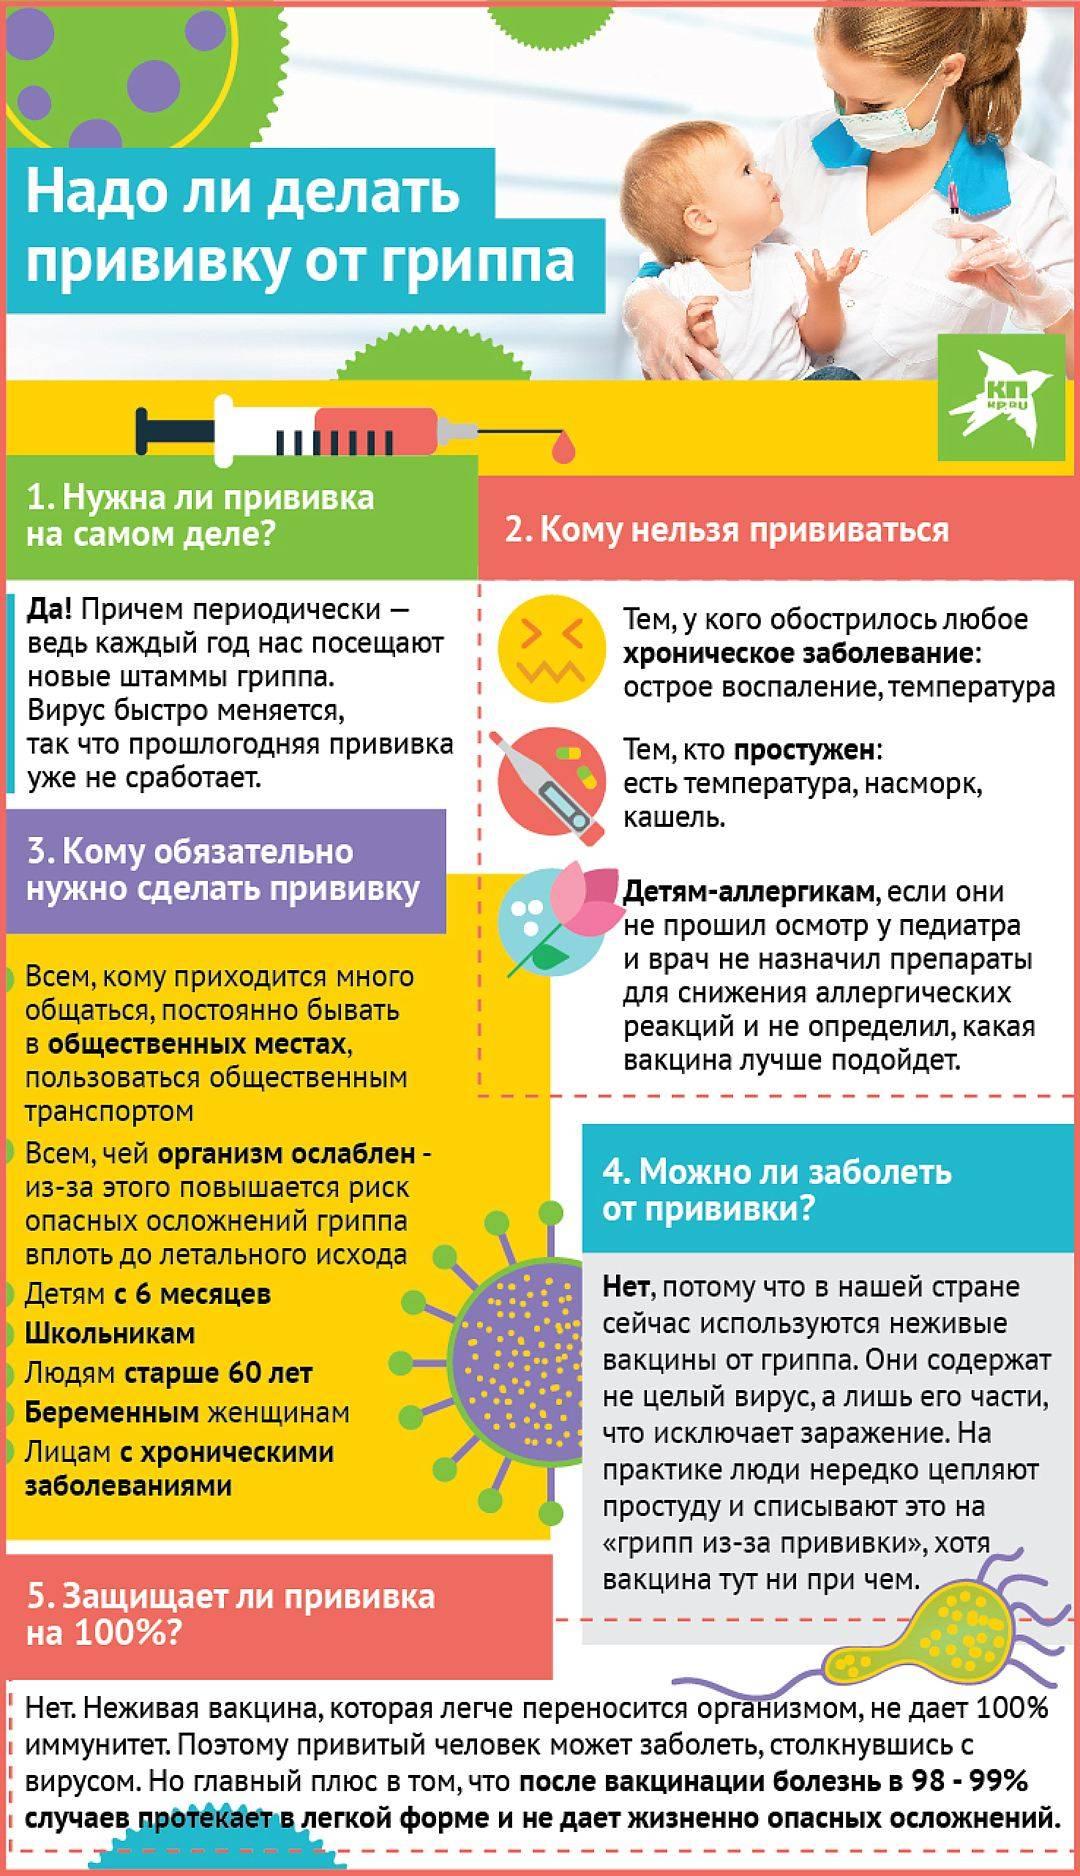 Делать ли прививки ребенку – все за и против